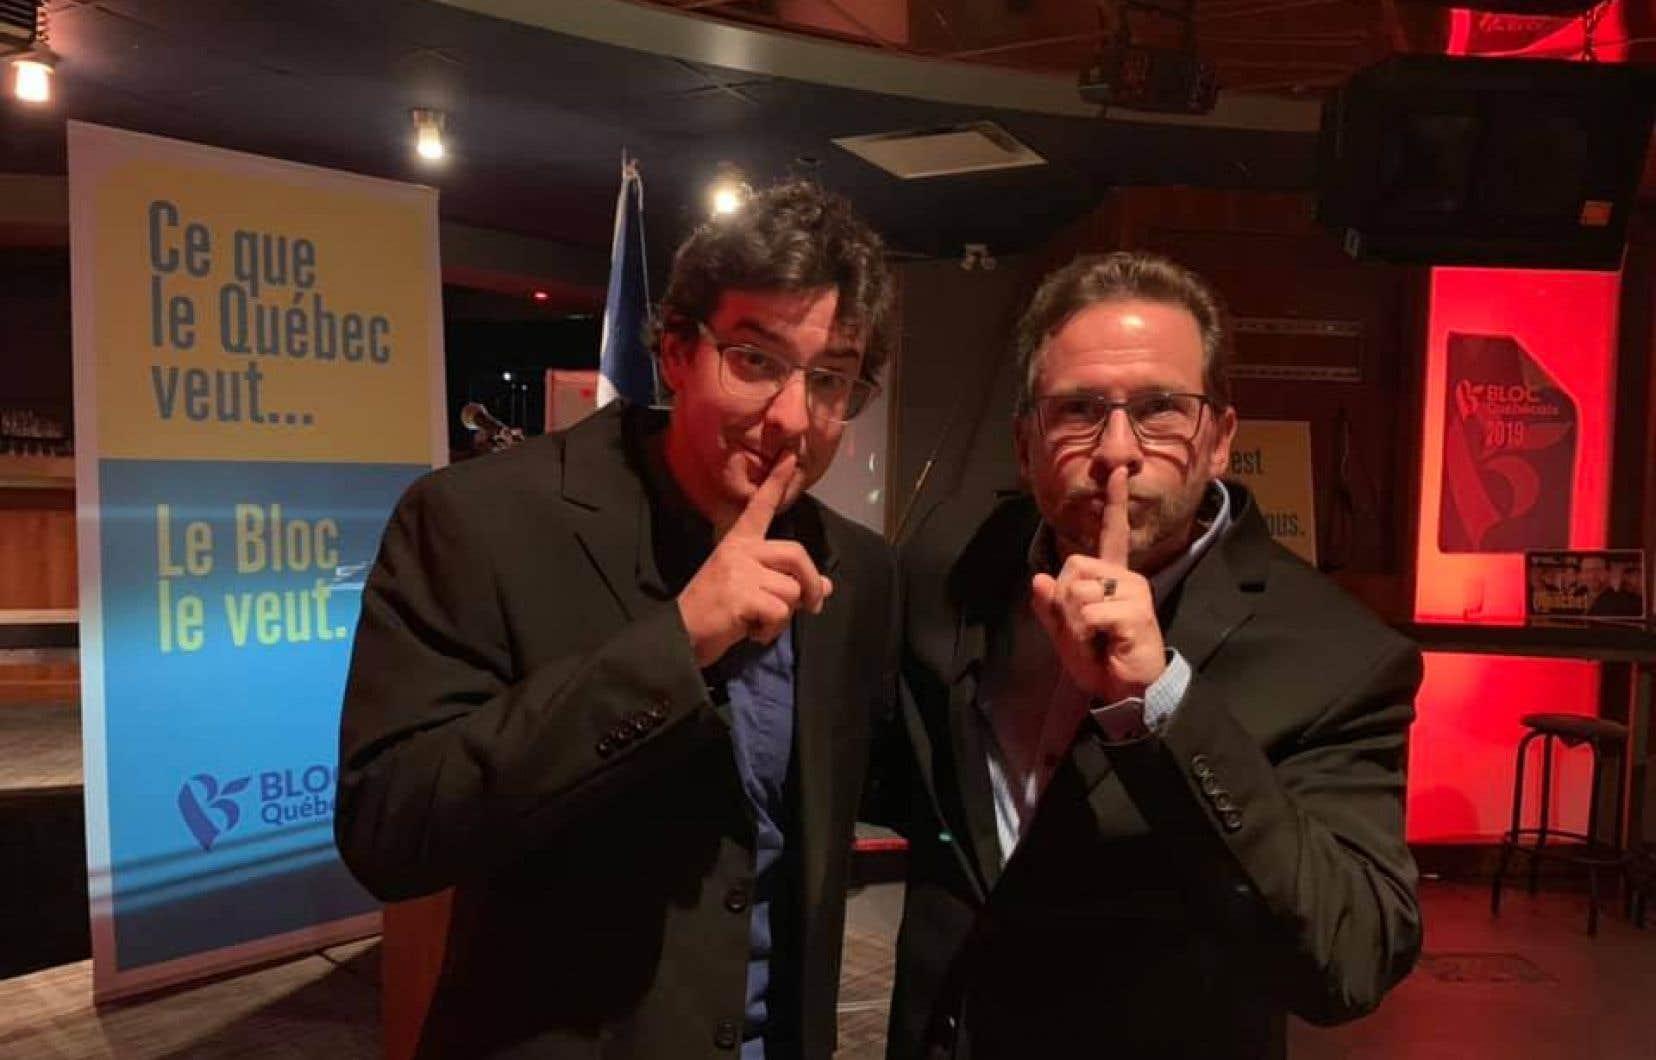 Avant l'annonce officielle, M.Blanchet s'était amusé en se faisant prendre en photo en compagnie d'Alexis Brunelle-Duceppe, tous deux le doigt sur la bouche.